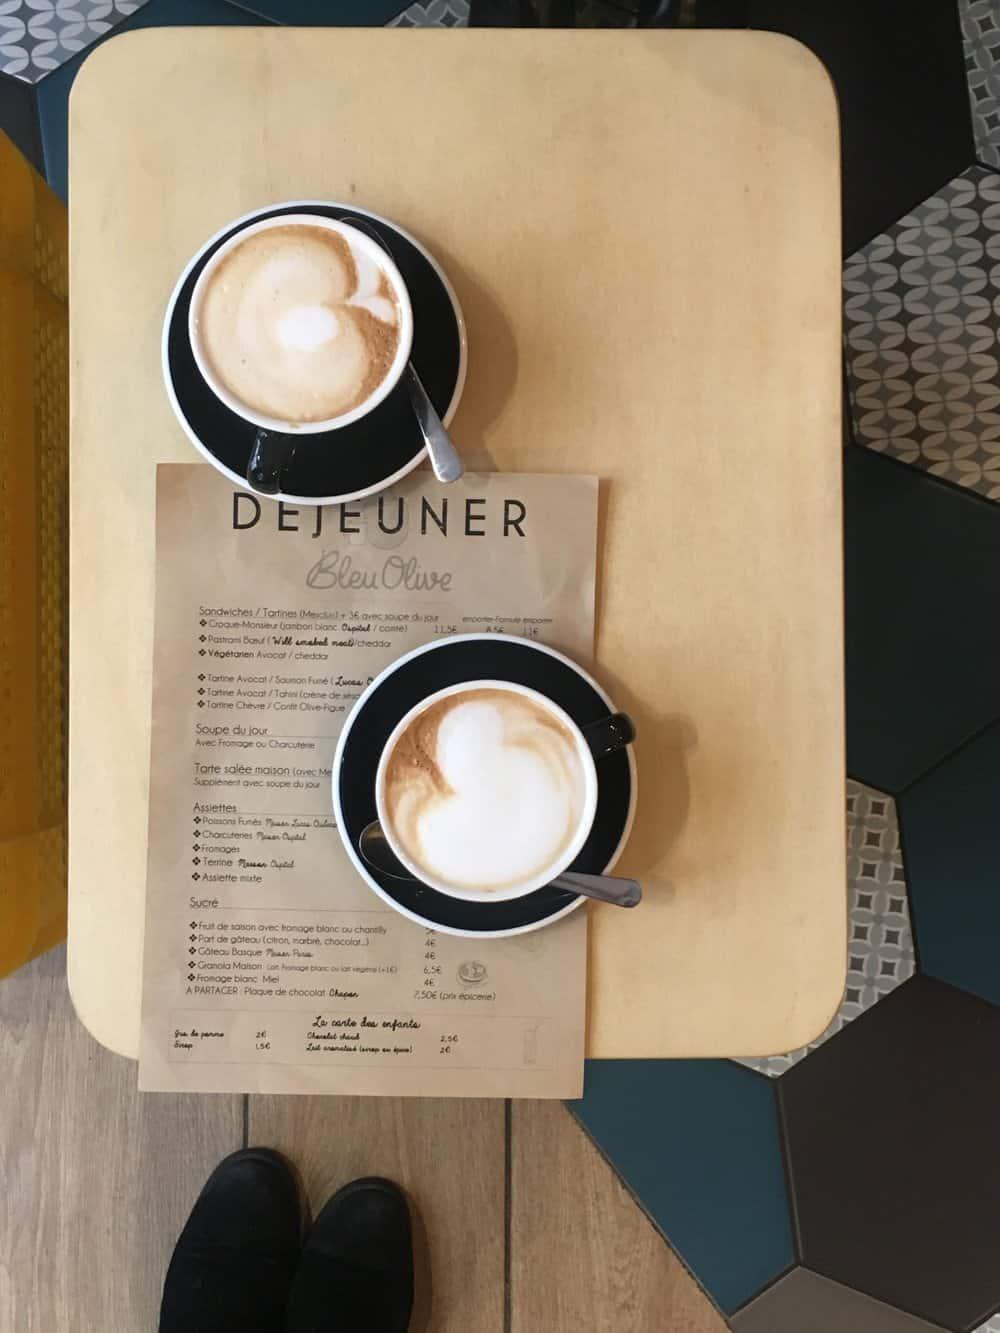 bleu olive coffee shop paris france